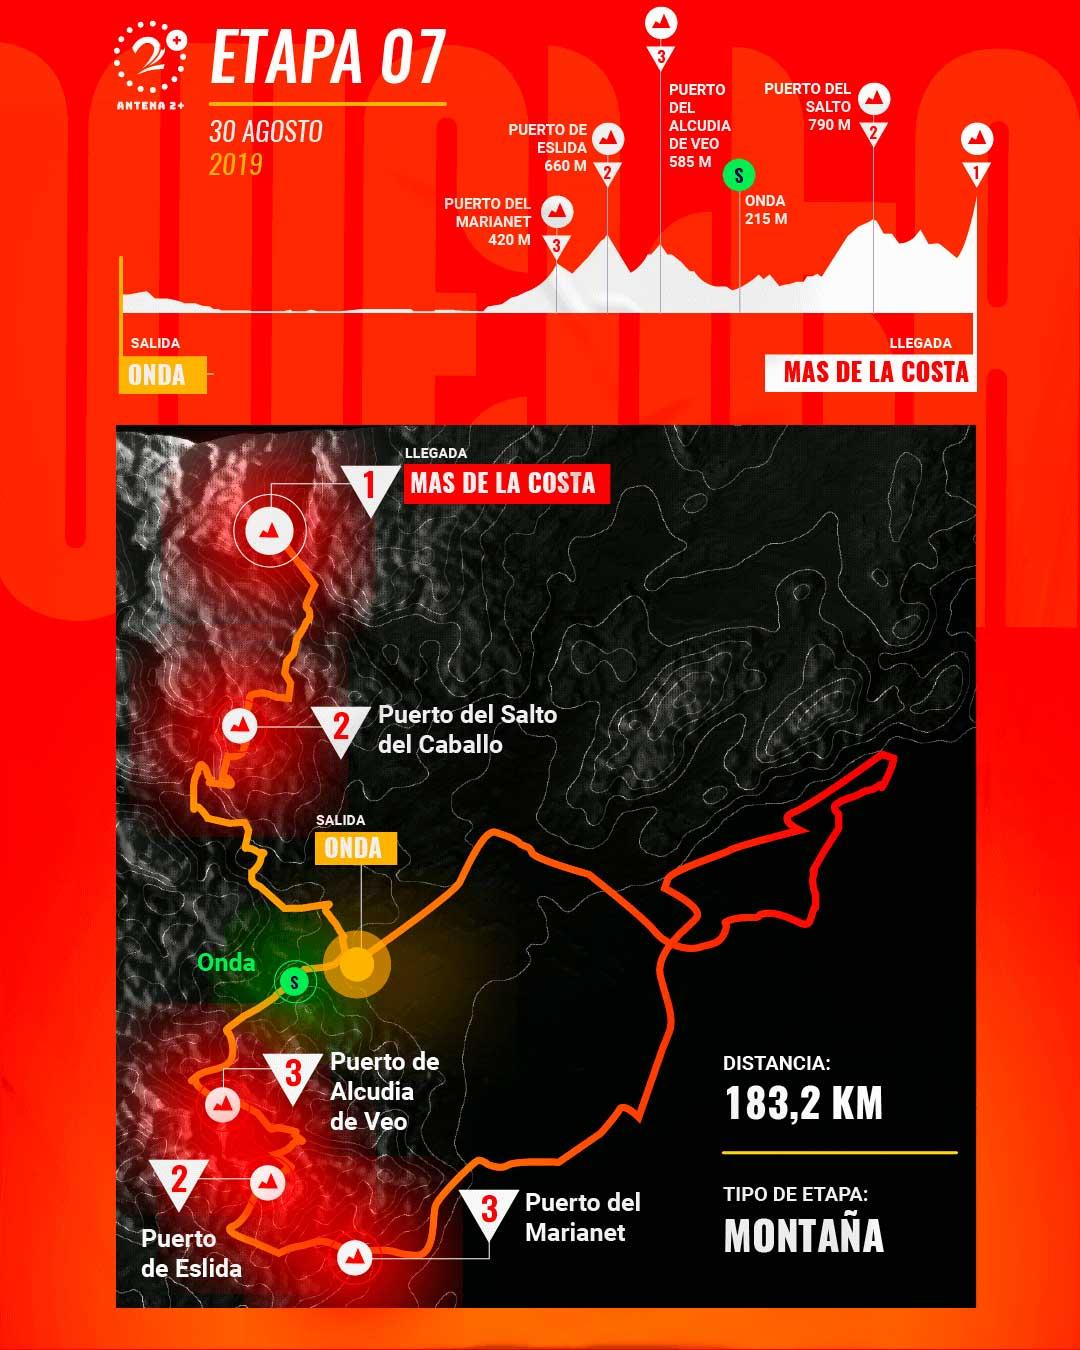 Etapa 7, Vuelta a España 2019